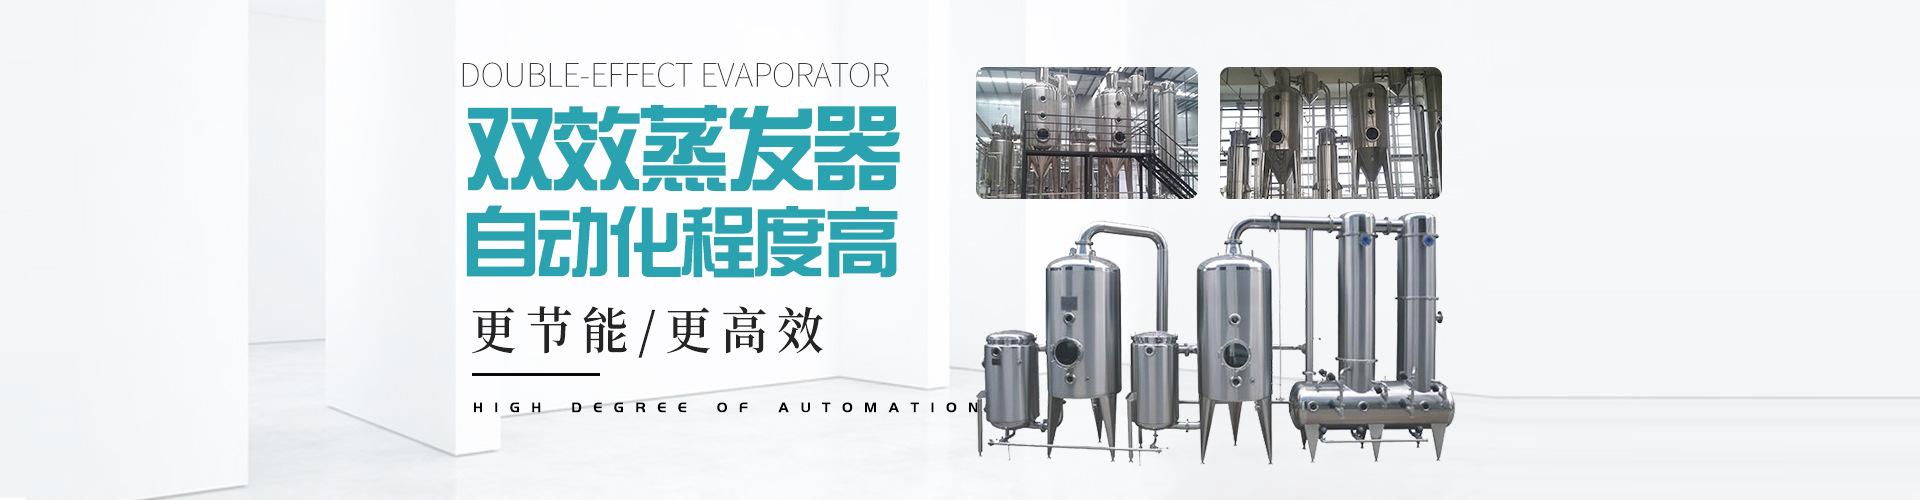 温州中核机械有限公司